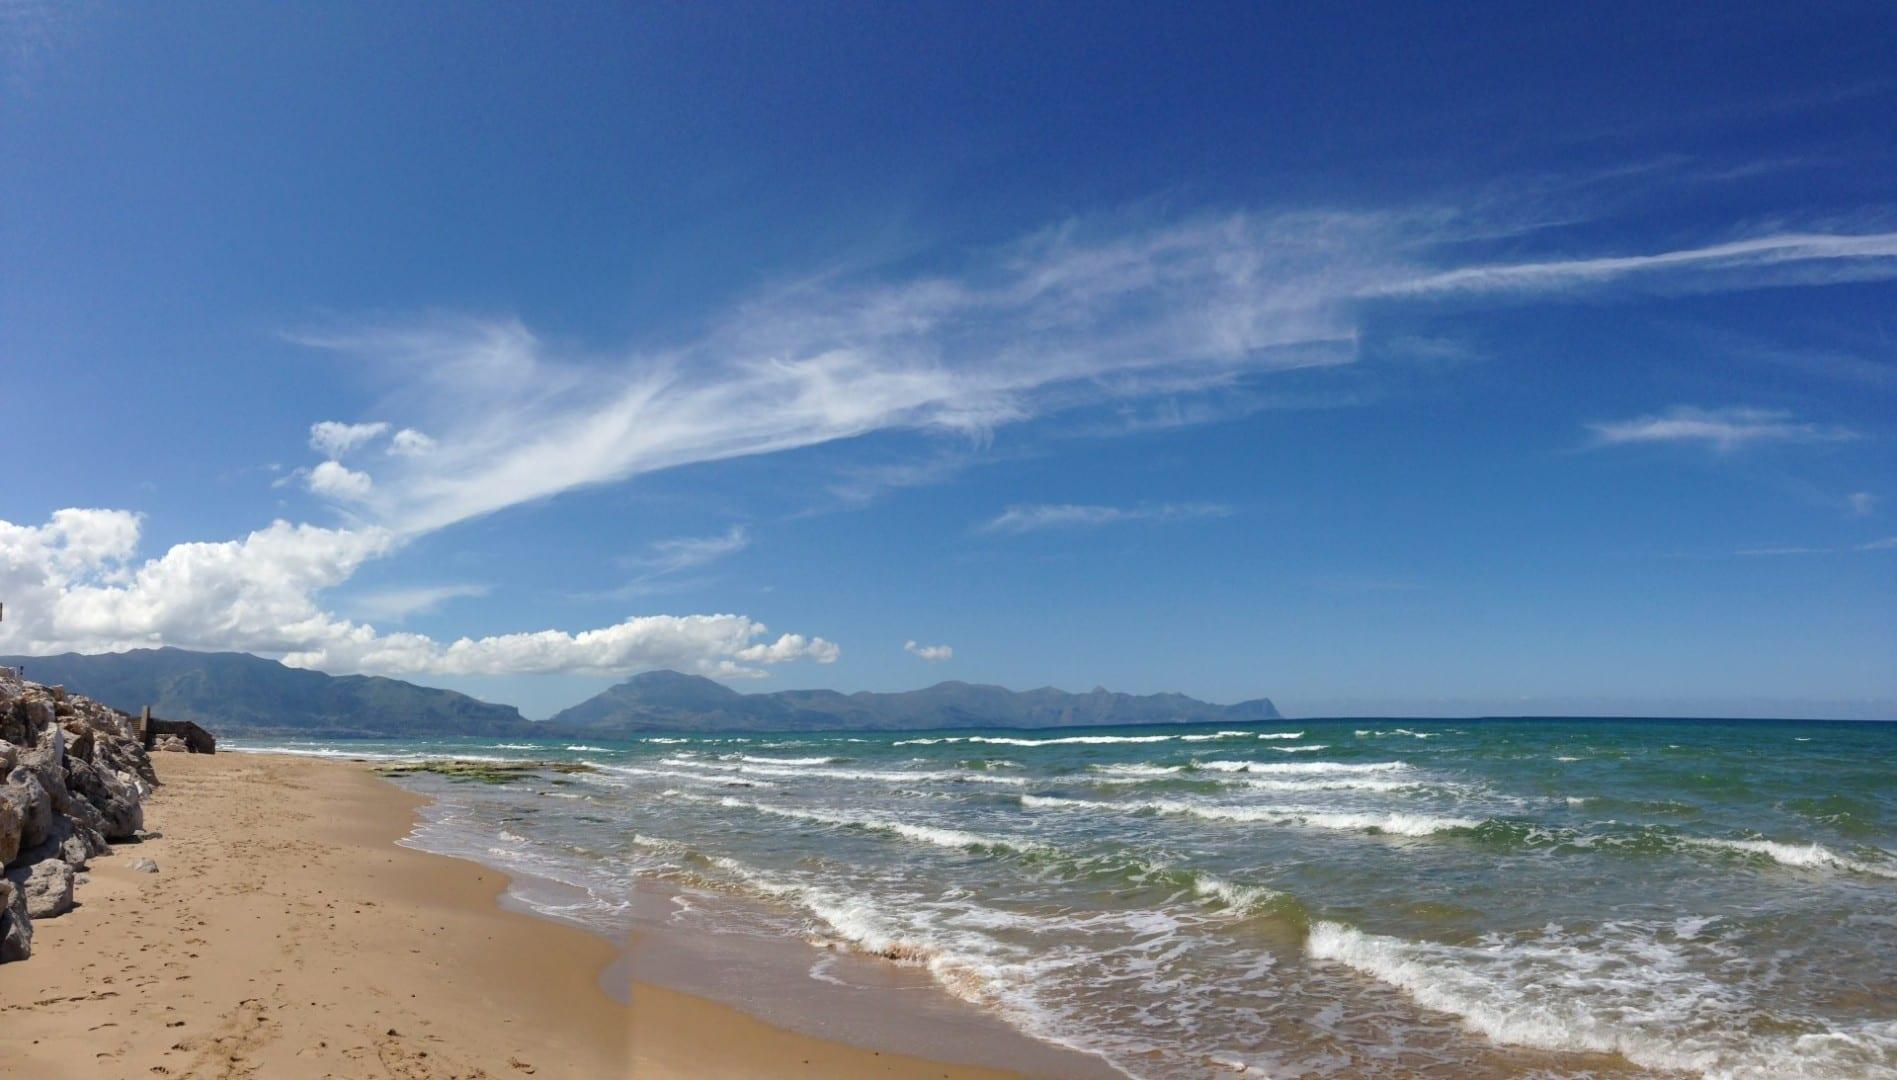 La playa oeste Balestrate Italia